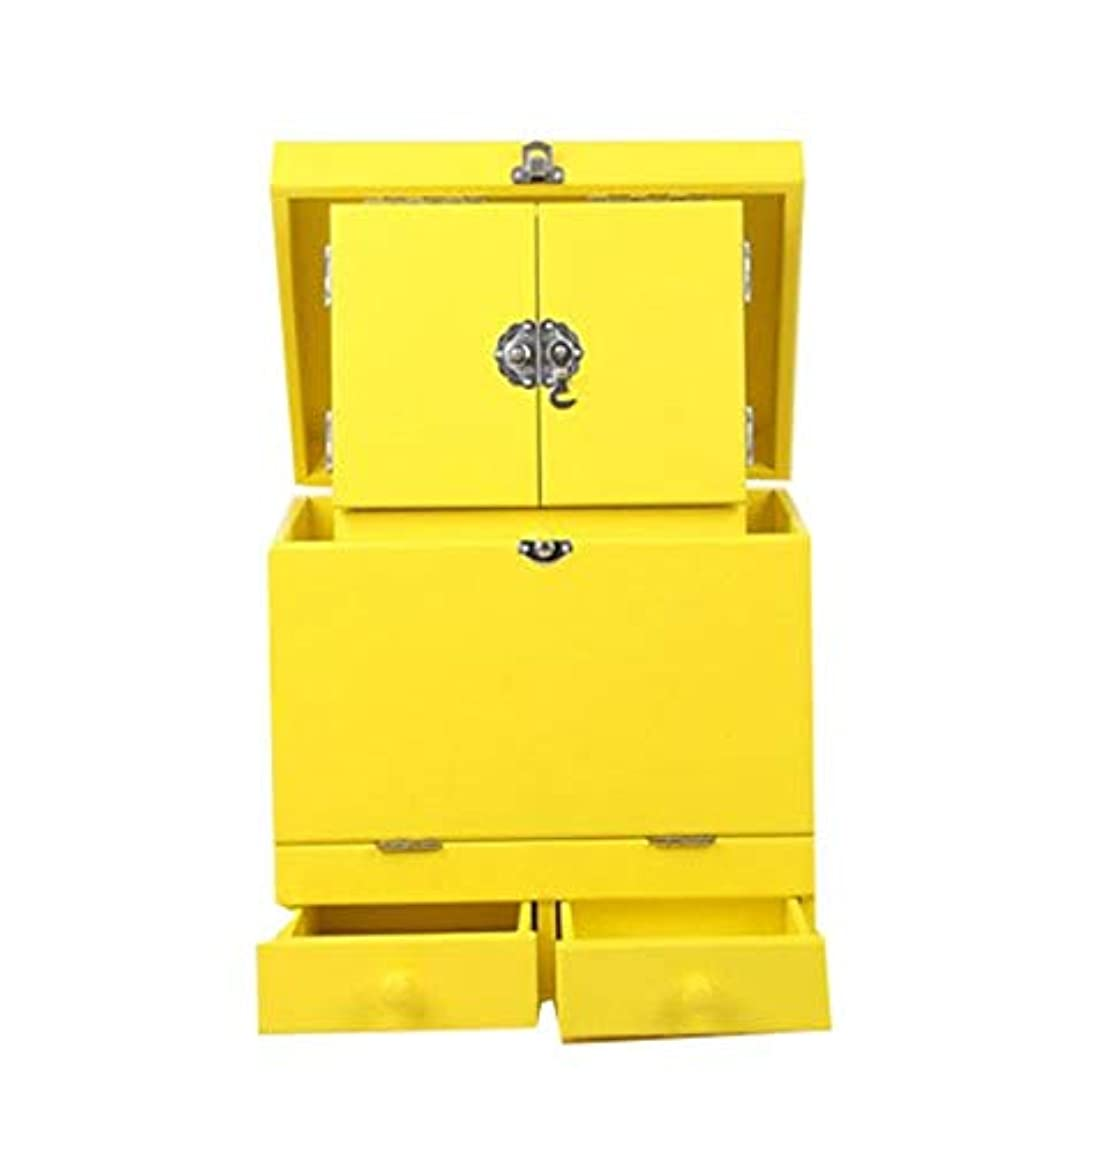 ドラム綺麗な氏化粧箱、黄色のダブルデッカーヴィンテージ木製彫刻が施された化粧ケース、ミラー、高級ウェディングギフト、新築祝いギフト、美容ネイルジュエリー収納ボックス